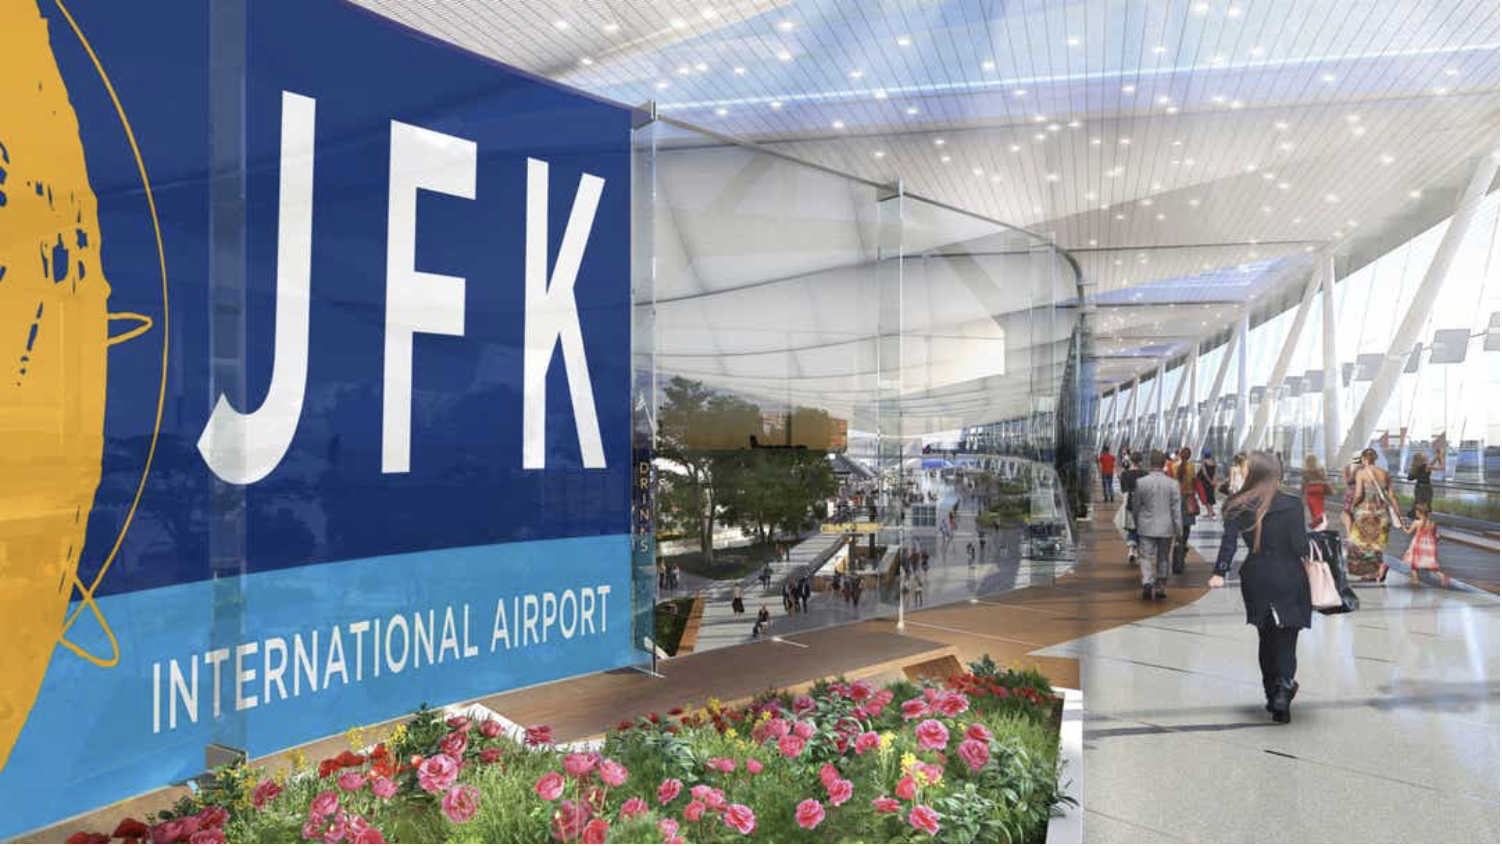 Come arrivare a Manhattan (o dintorni) dall'aeroporto JFK